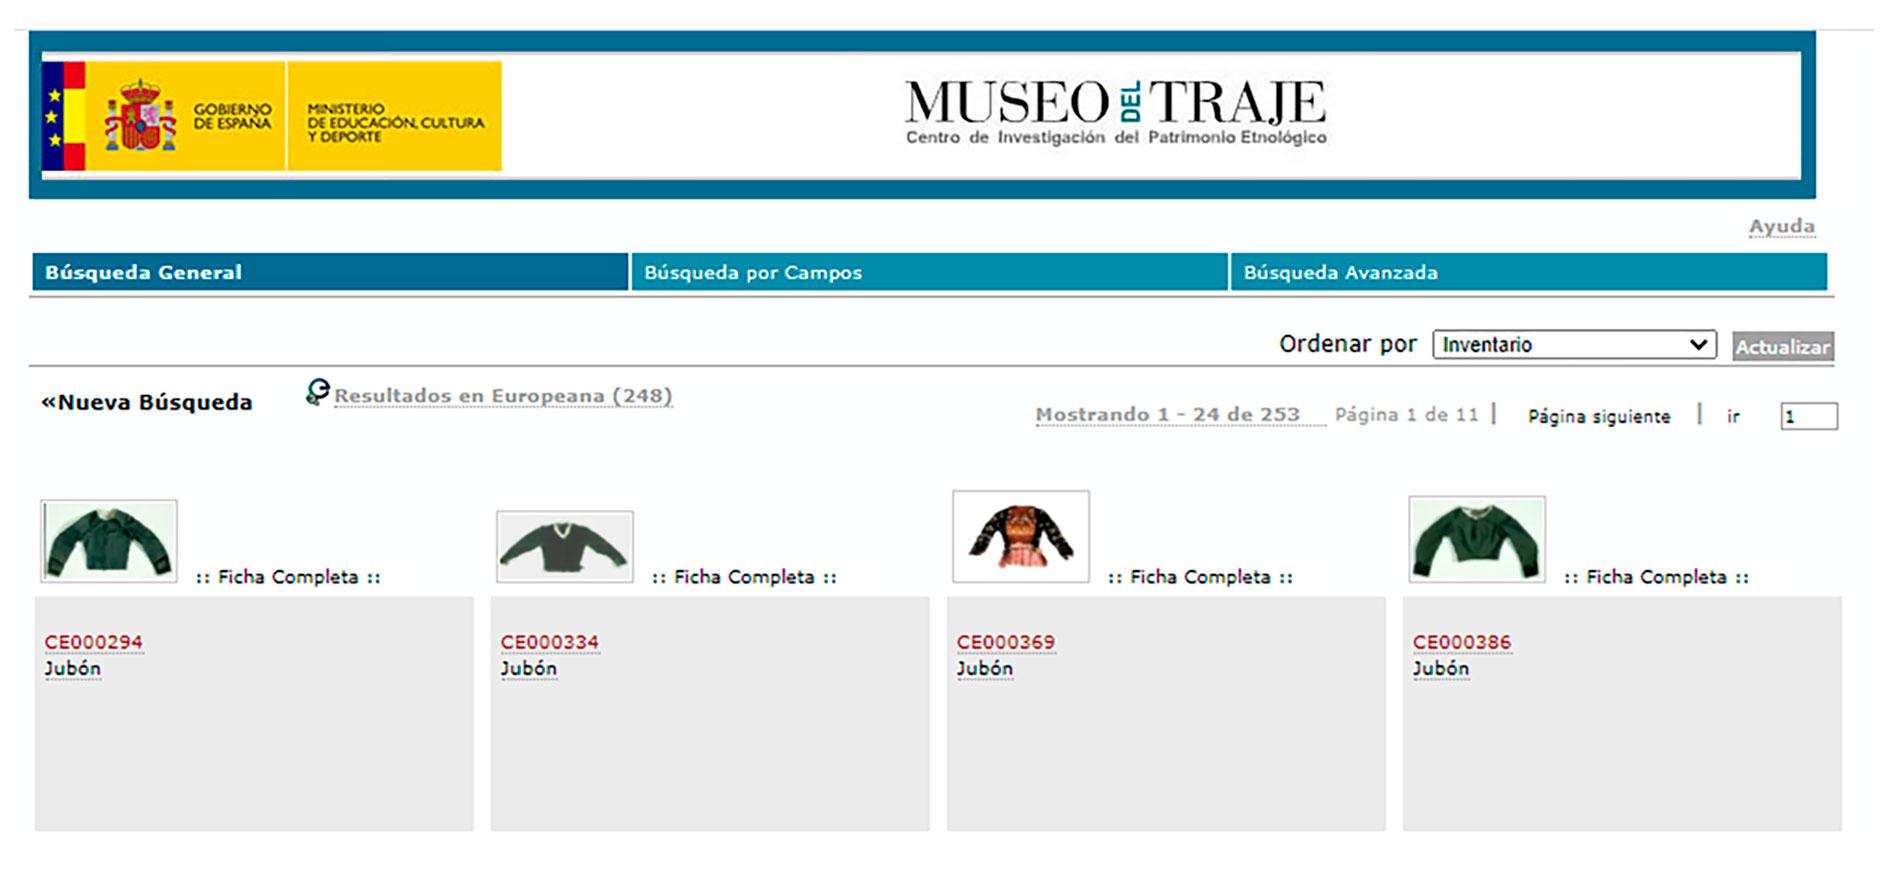 Fondos de indumentaria _ BASE DE DATOS MUSEOS EN LÍNEA DE CATALUNYAMUSEO DEL TRAJE DE MADRID